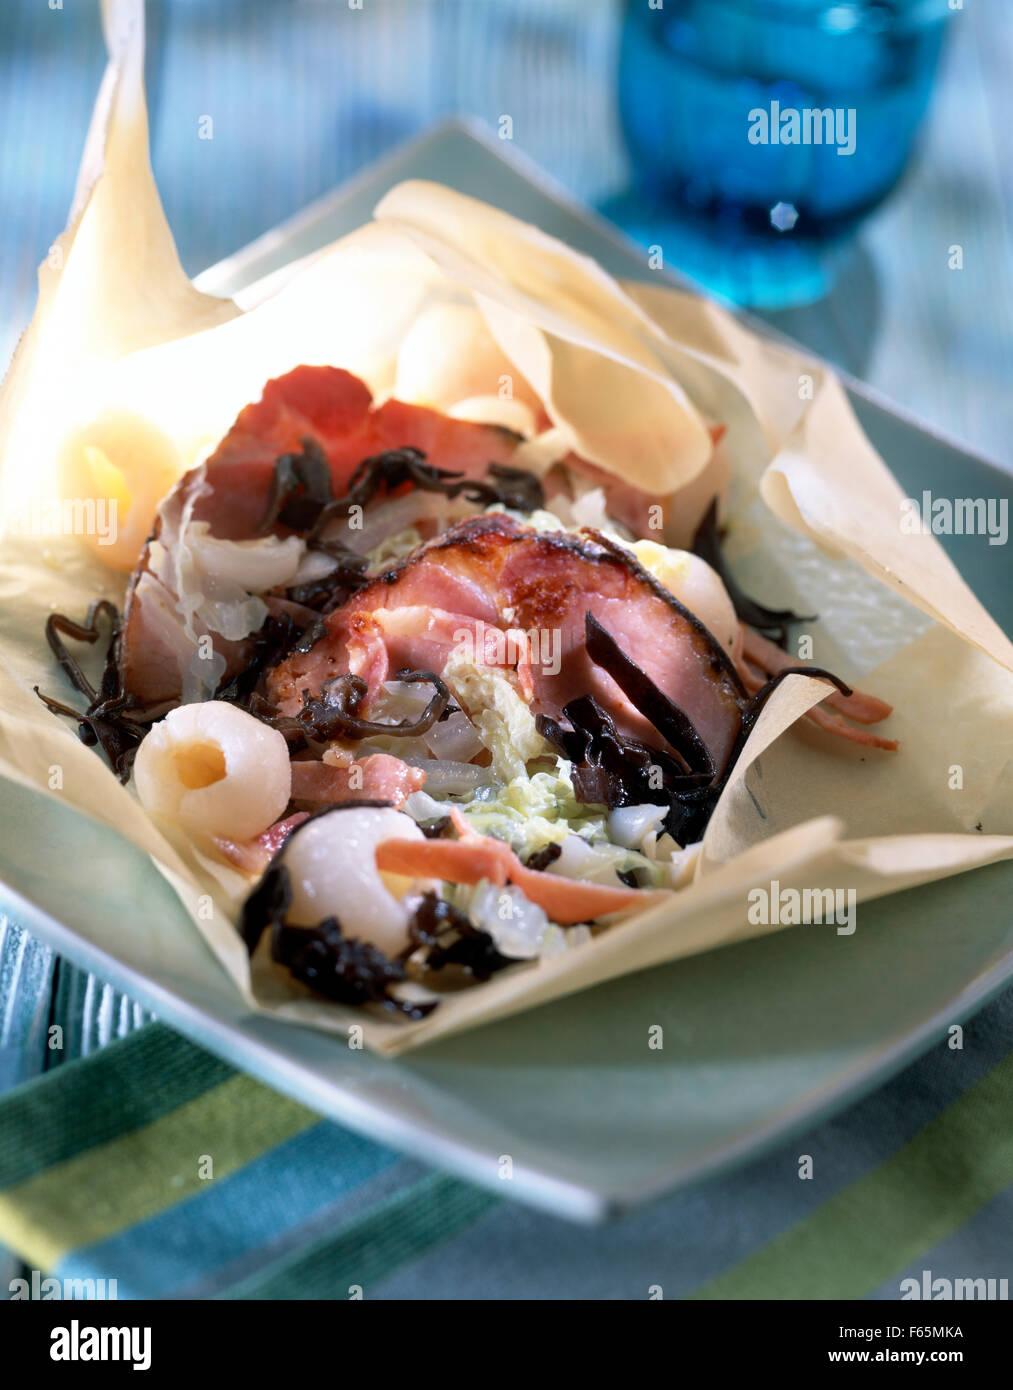 De style oriental rôti de porc cuit dans du papier ciré Banque D'Images